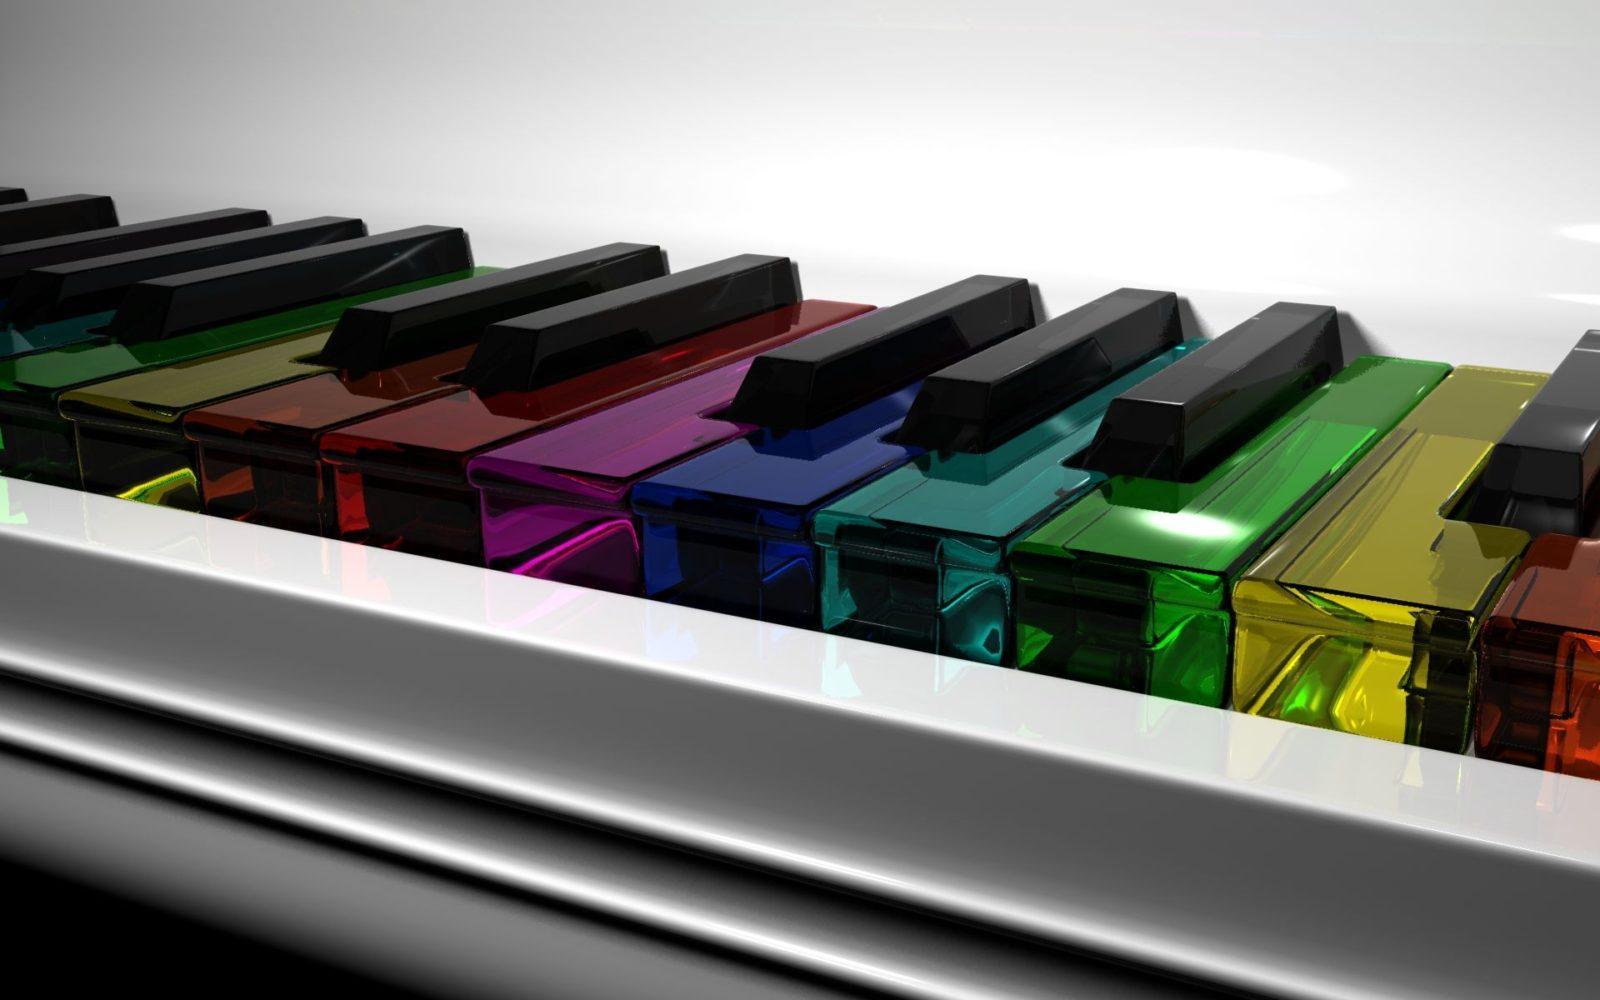 Музыкальное оборудование: клавишные инструменты